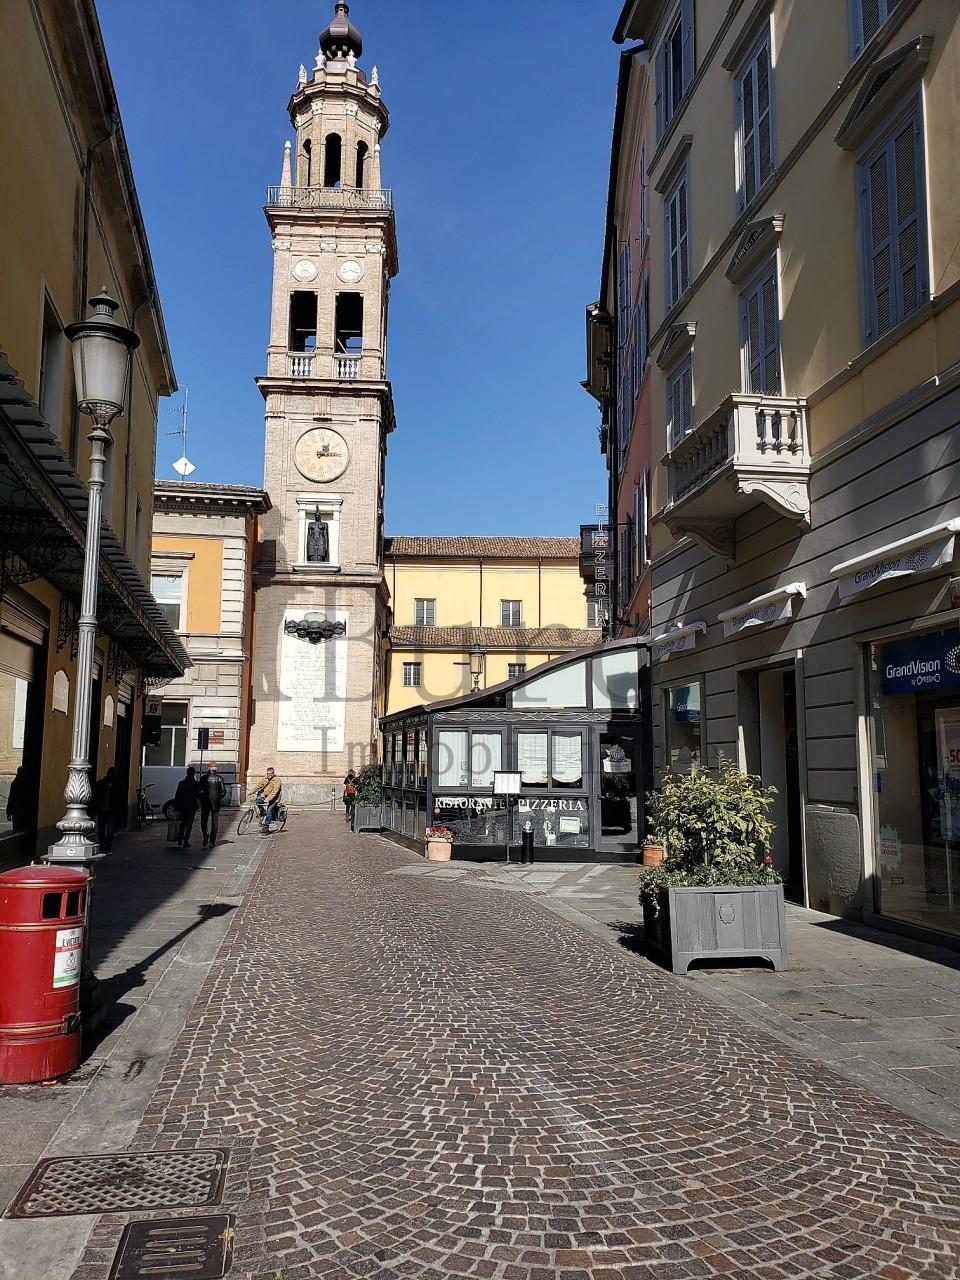 Locale commerciale - 1 Vetrina a Parma Centro, Parma Rif. 9998087